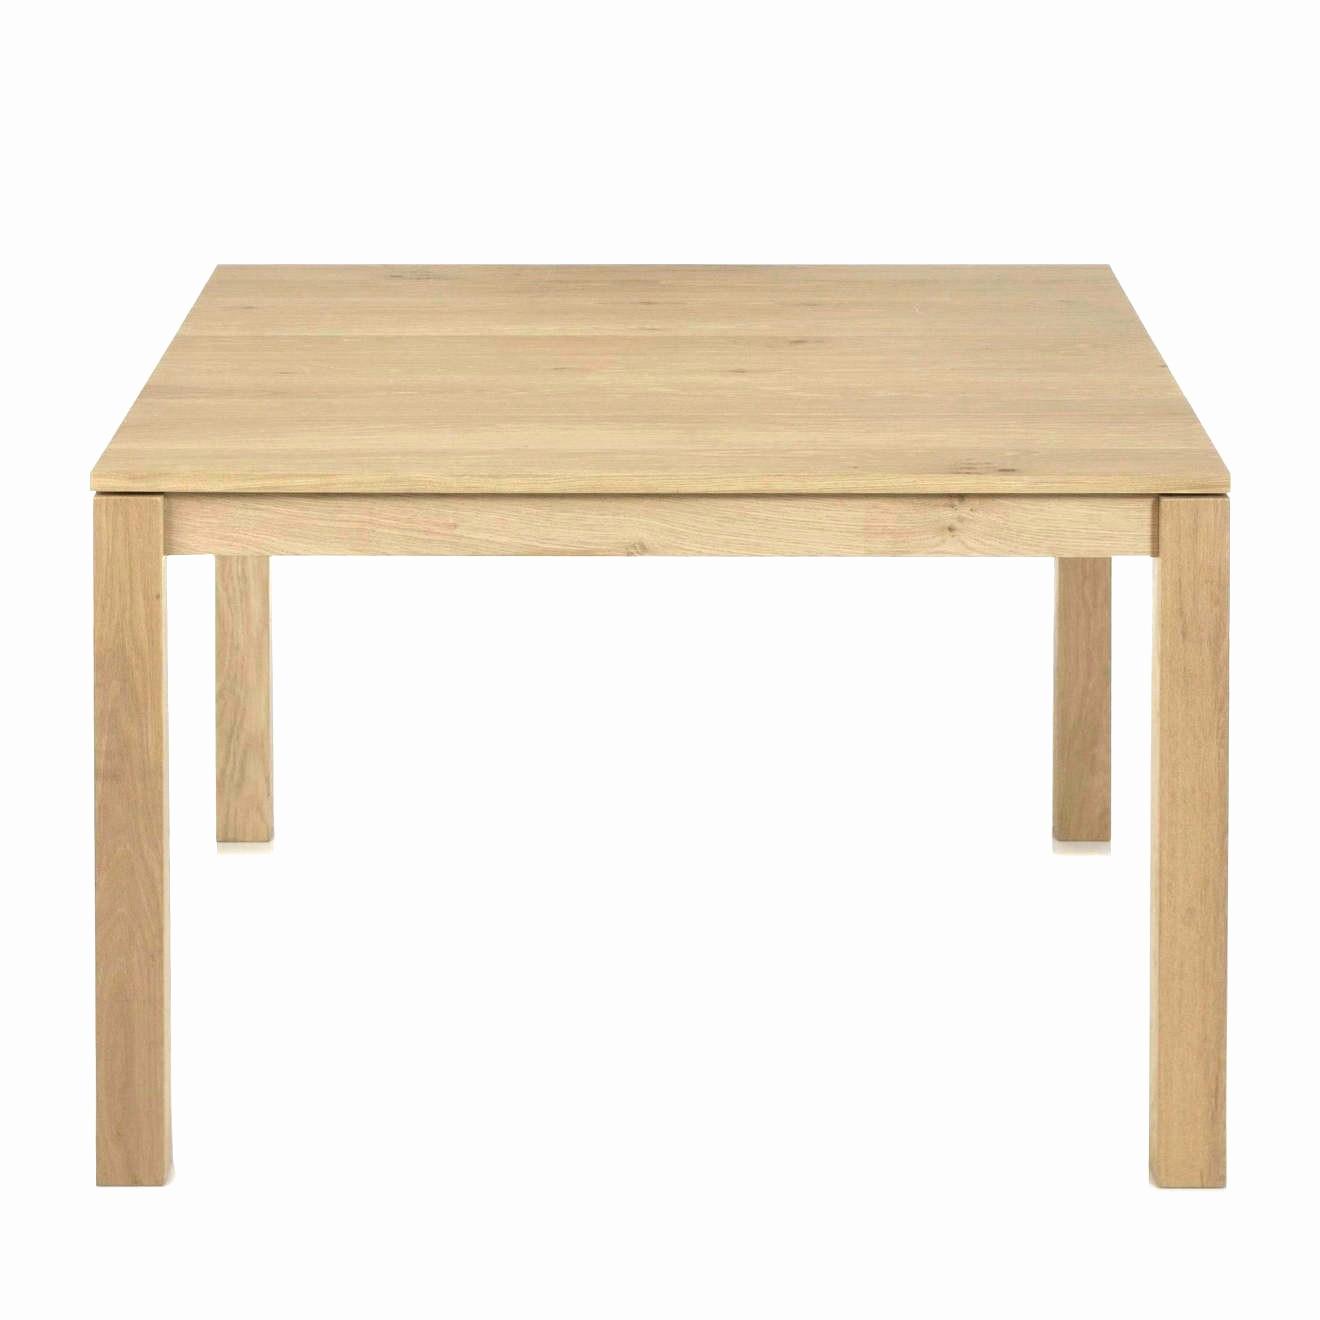 fabriquer un salon de jardin en bois beau fabriquer table de jardin bois of fabriquer un salon de jardin en bois